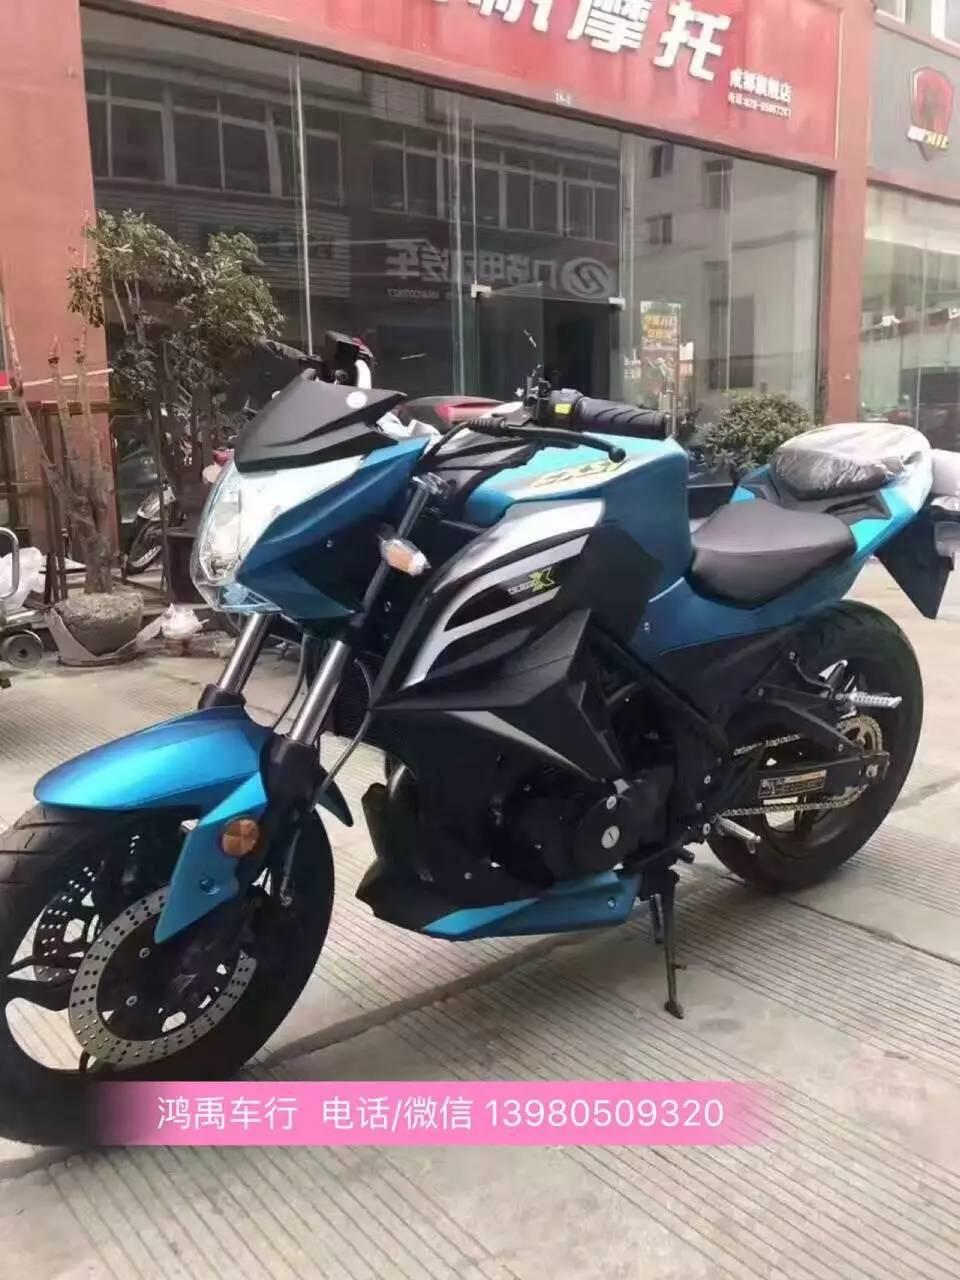 成都摩托车0首付分期,月供328元起,享受先骑车后付款